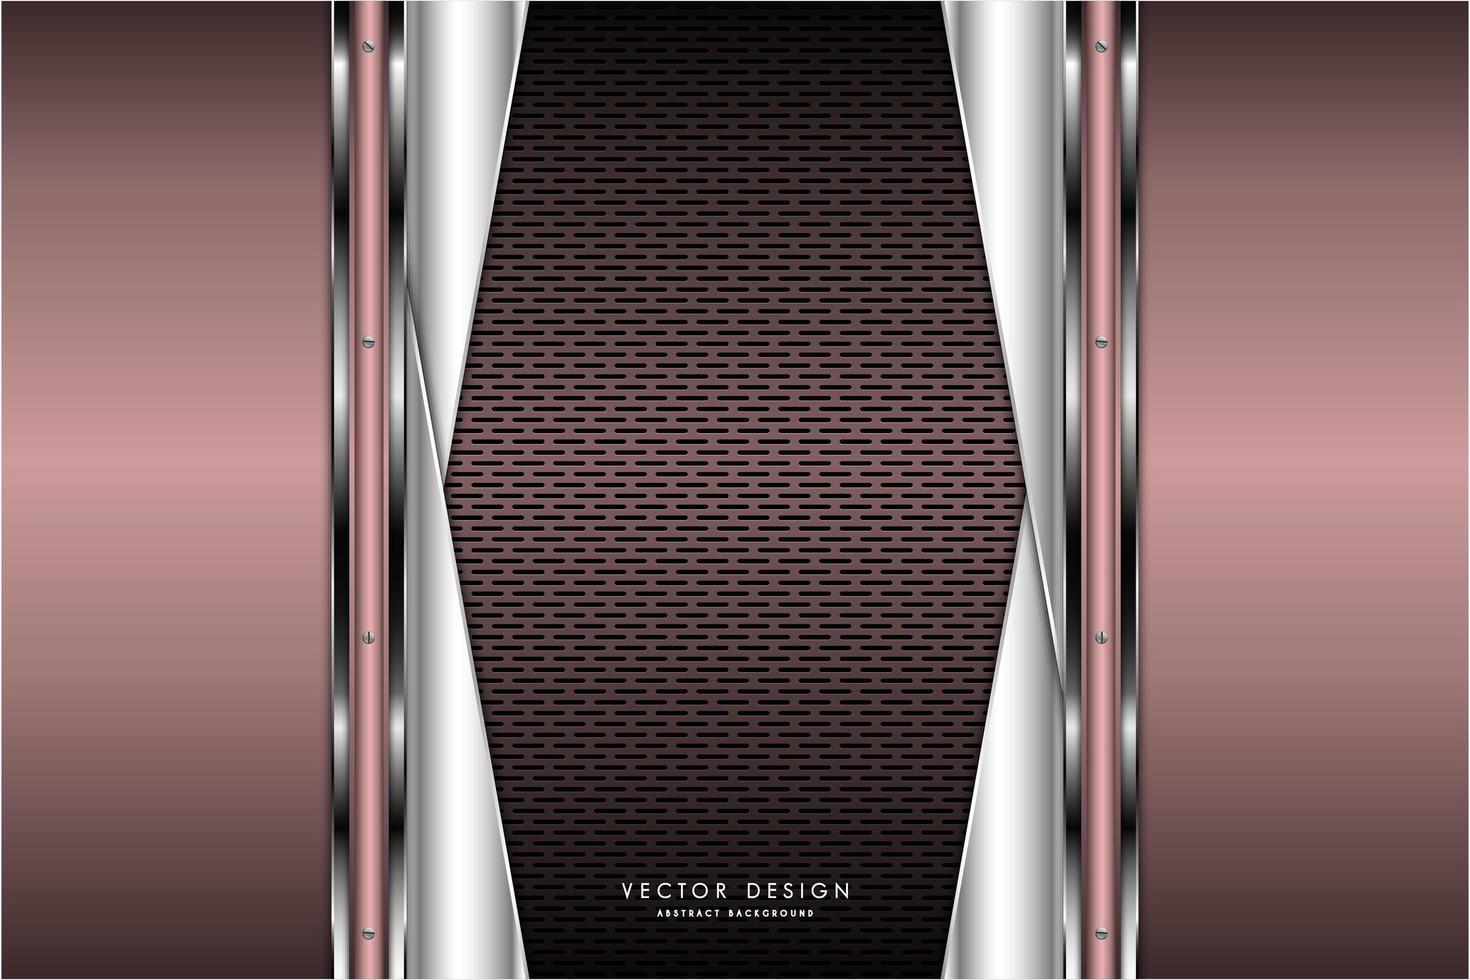 diseño rosa metalizado y plateado con fibra de carbono marrón vector